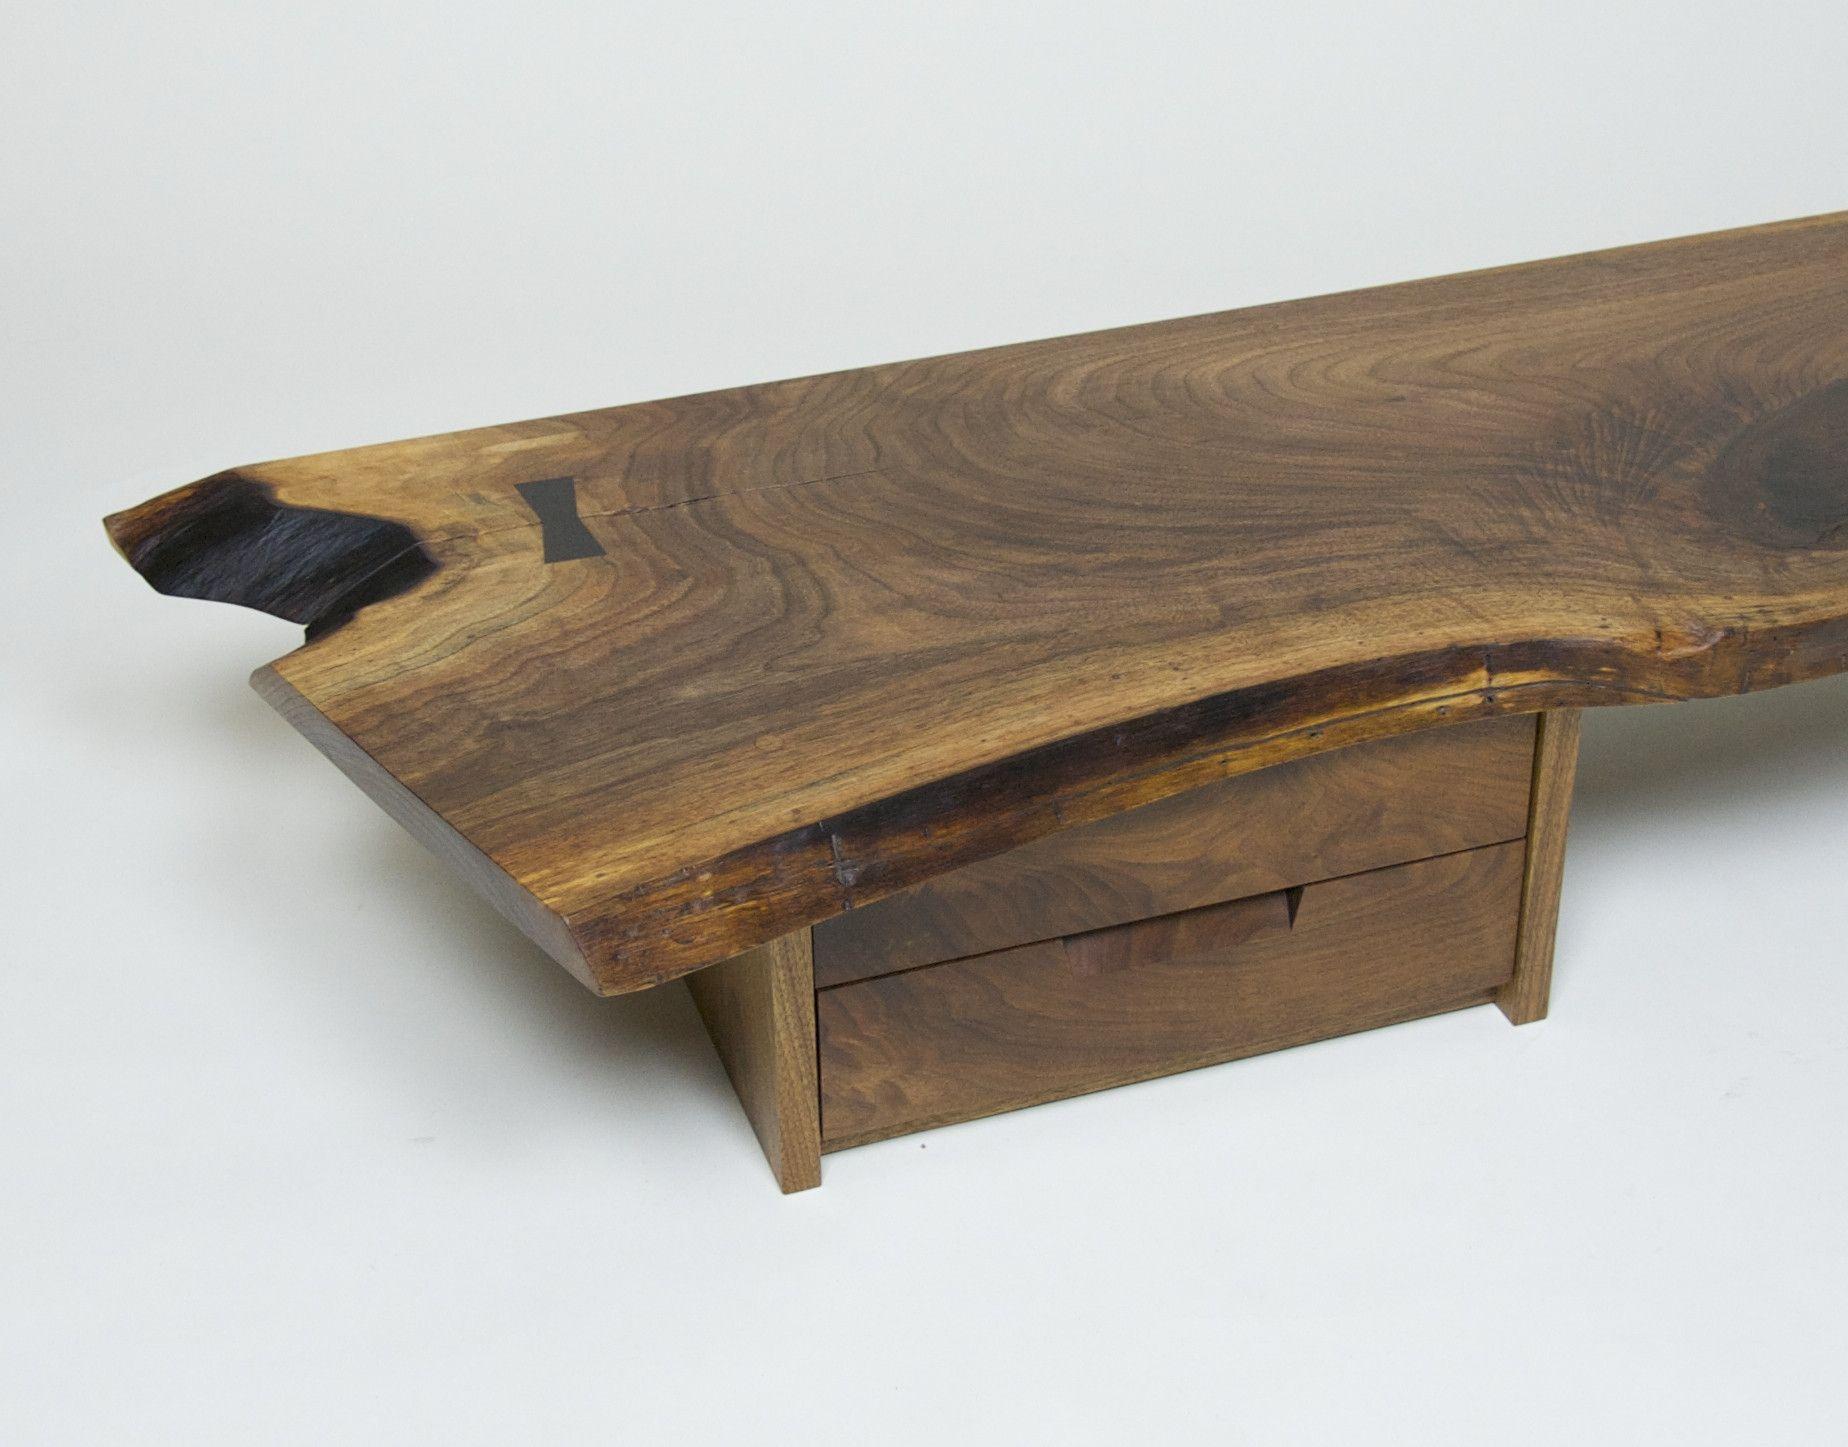 Rare George Nakashima Portsmouth Table by George Nakashima